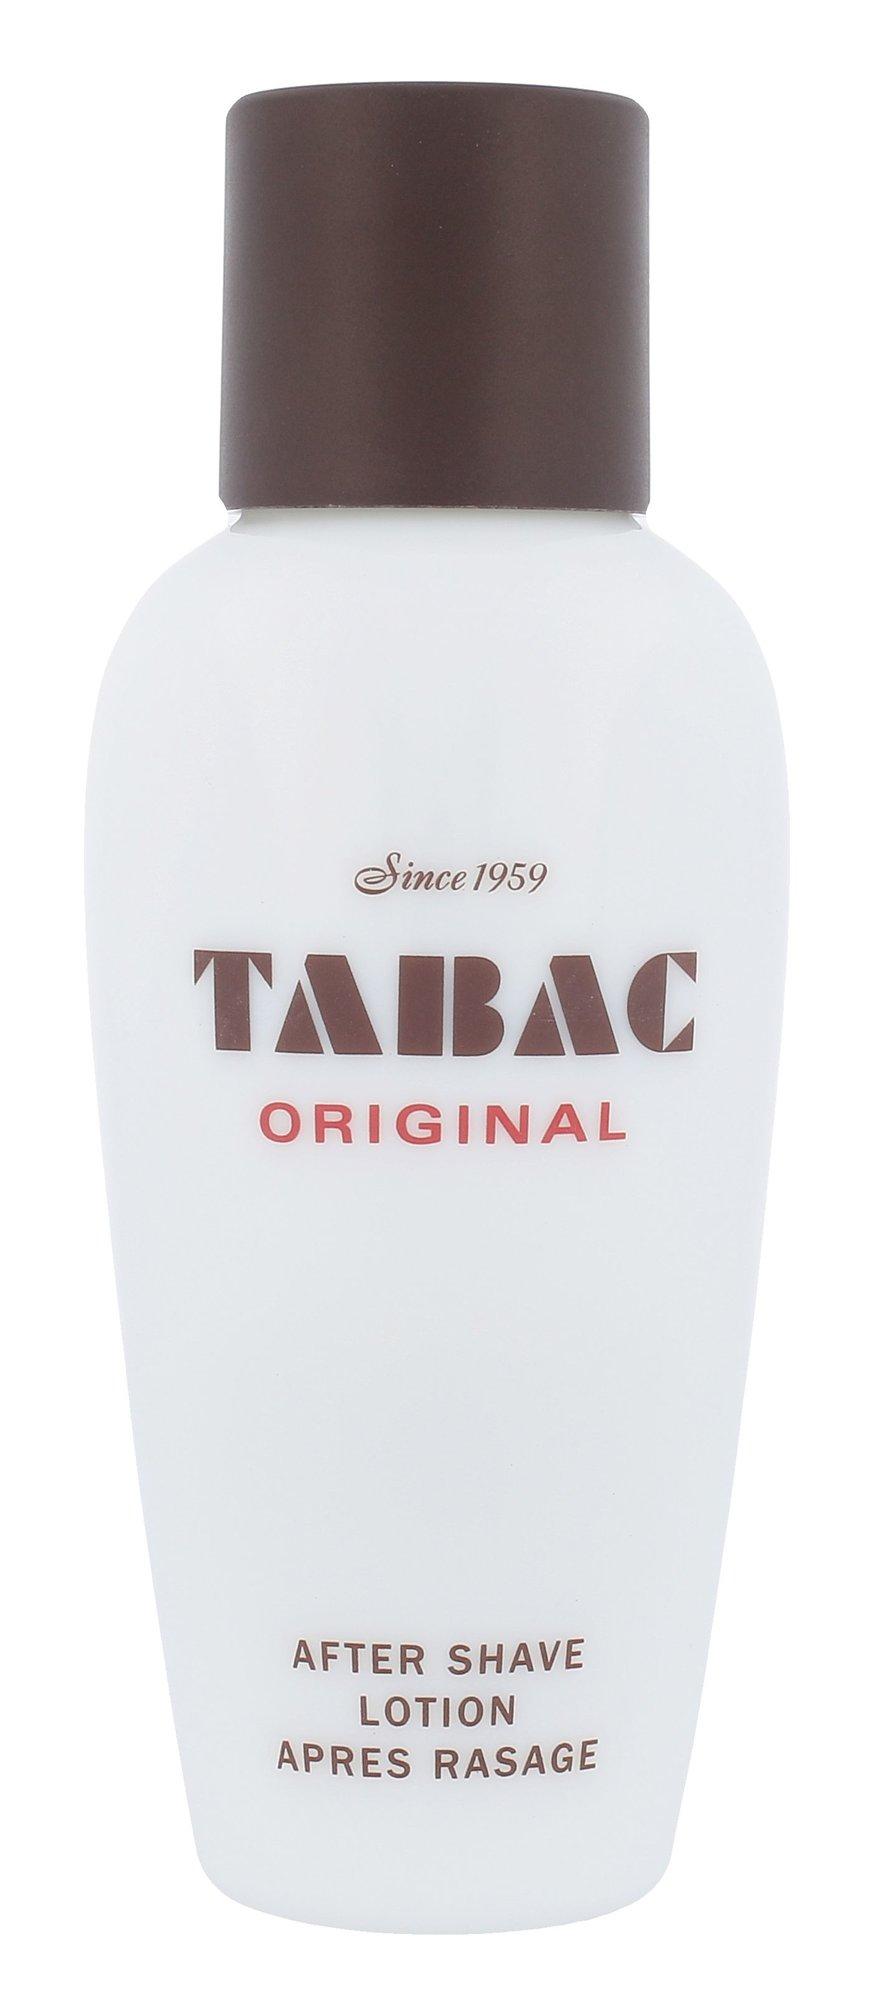 Skutimosi priemonė TABAC Original